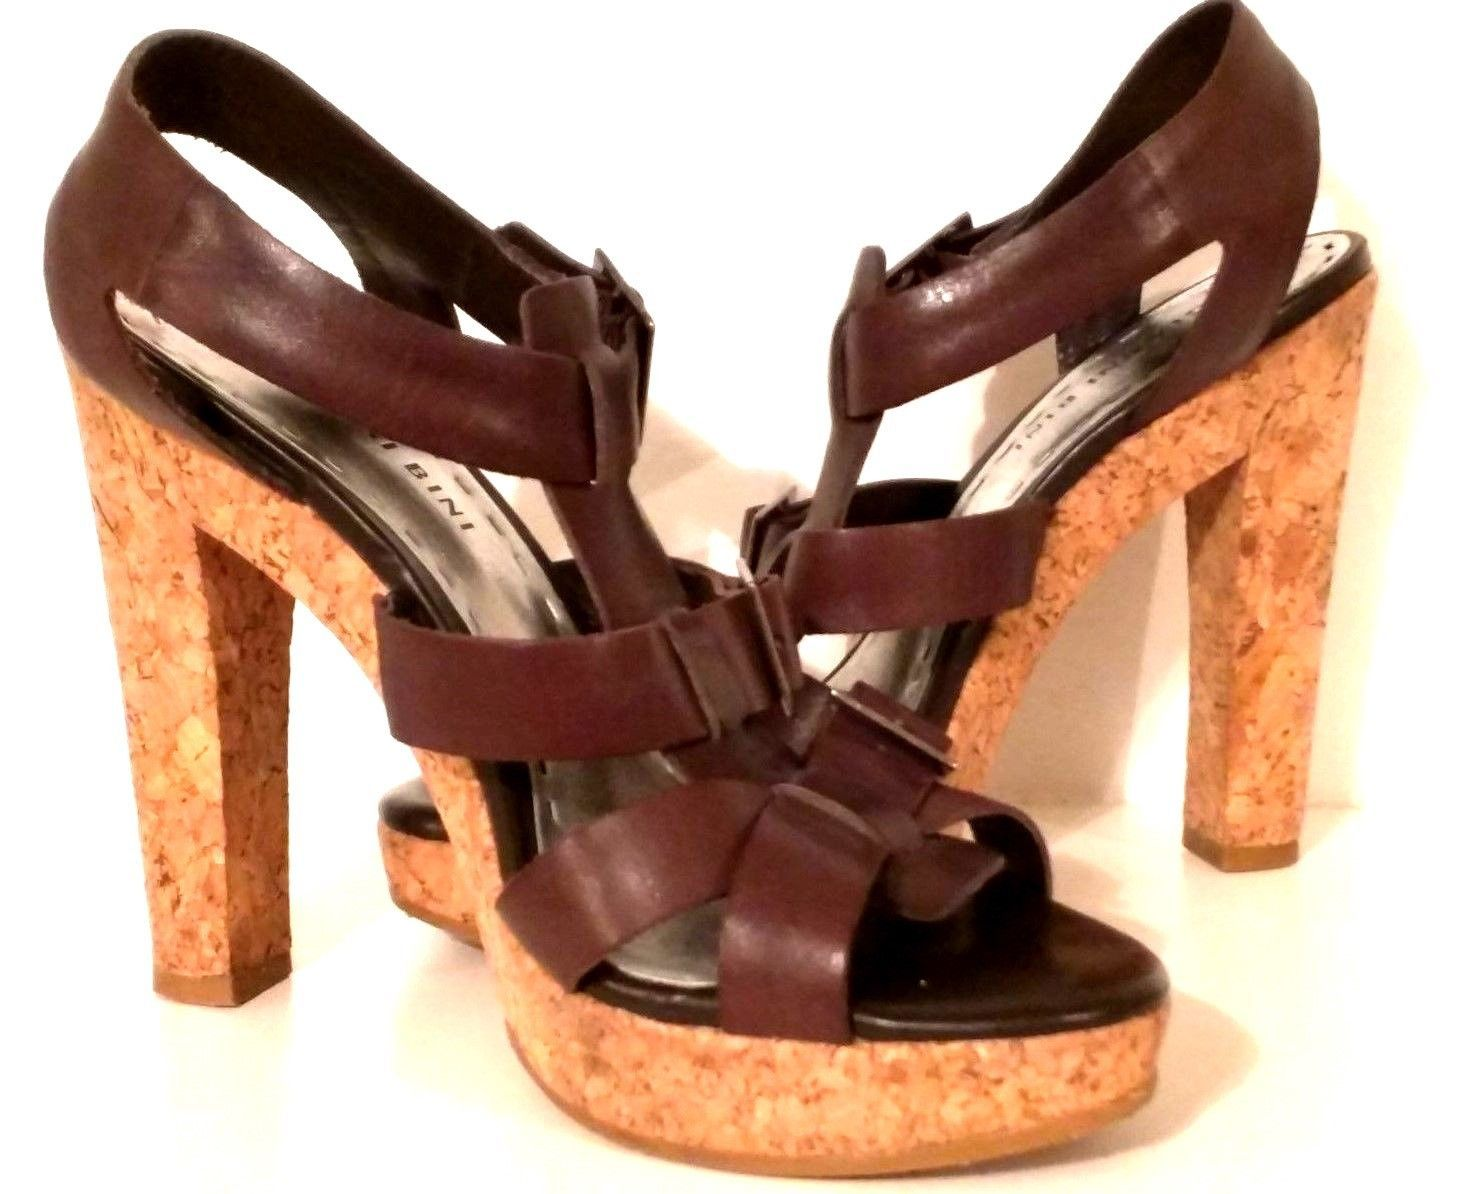 gianni bini lace up heels